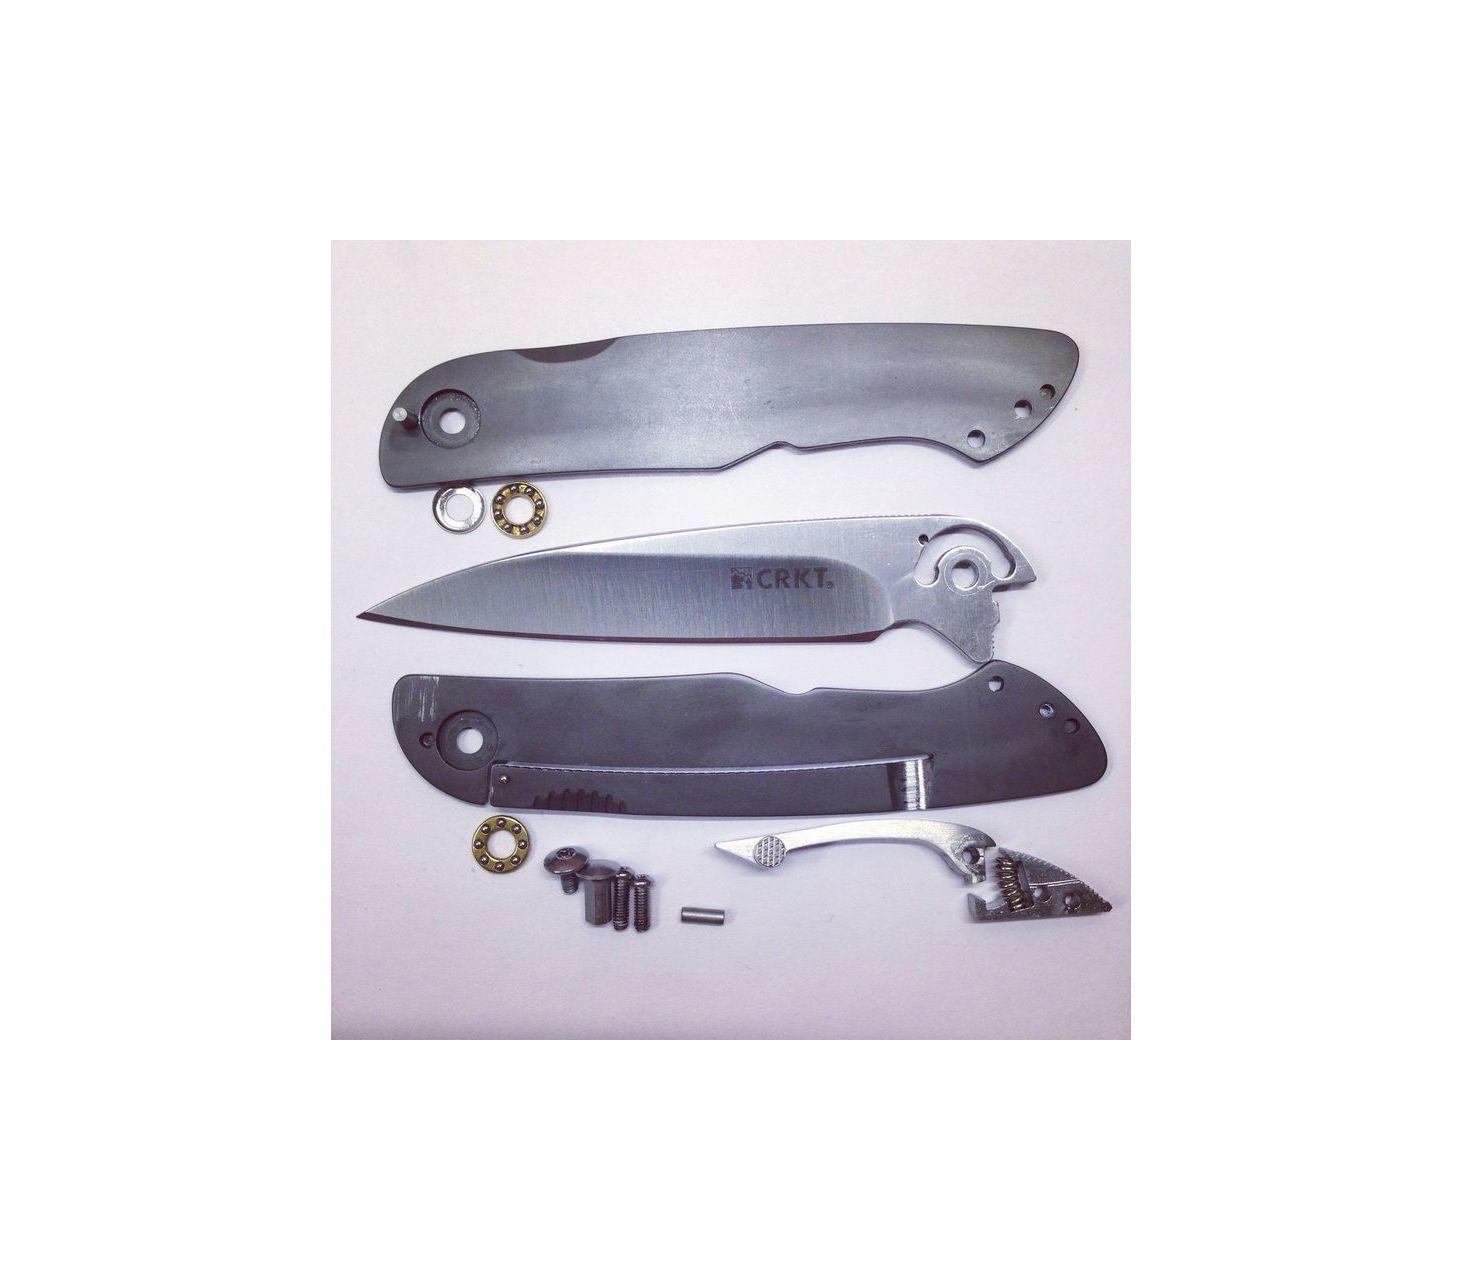 Фото 13 - Складной нож CRKT Swindle™-2, сталь 8Cr14MoV, рукоять нержавеющая сталь